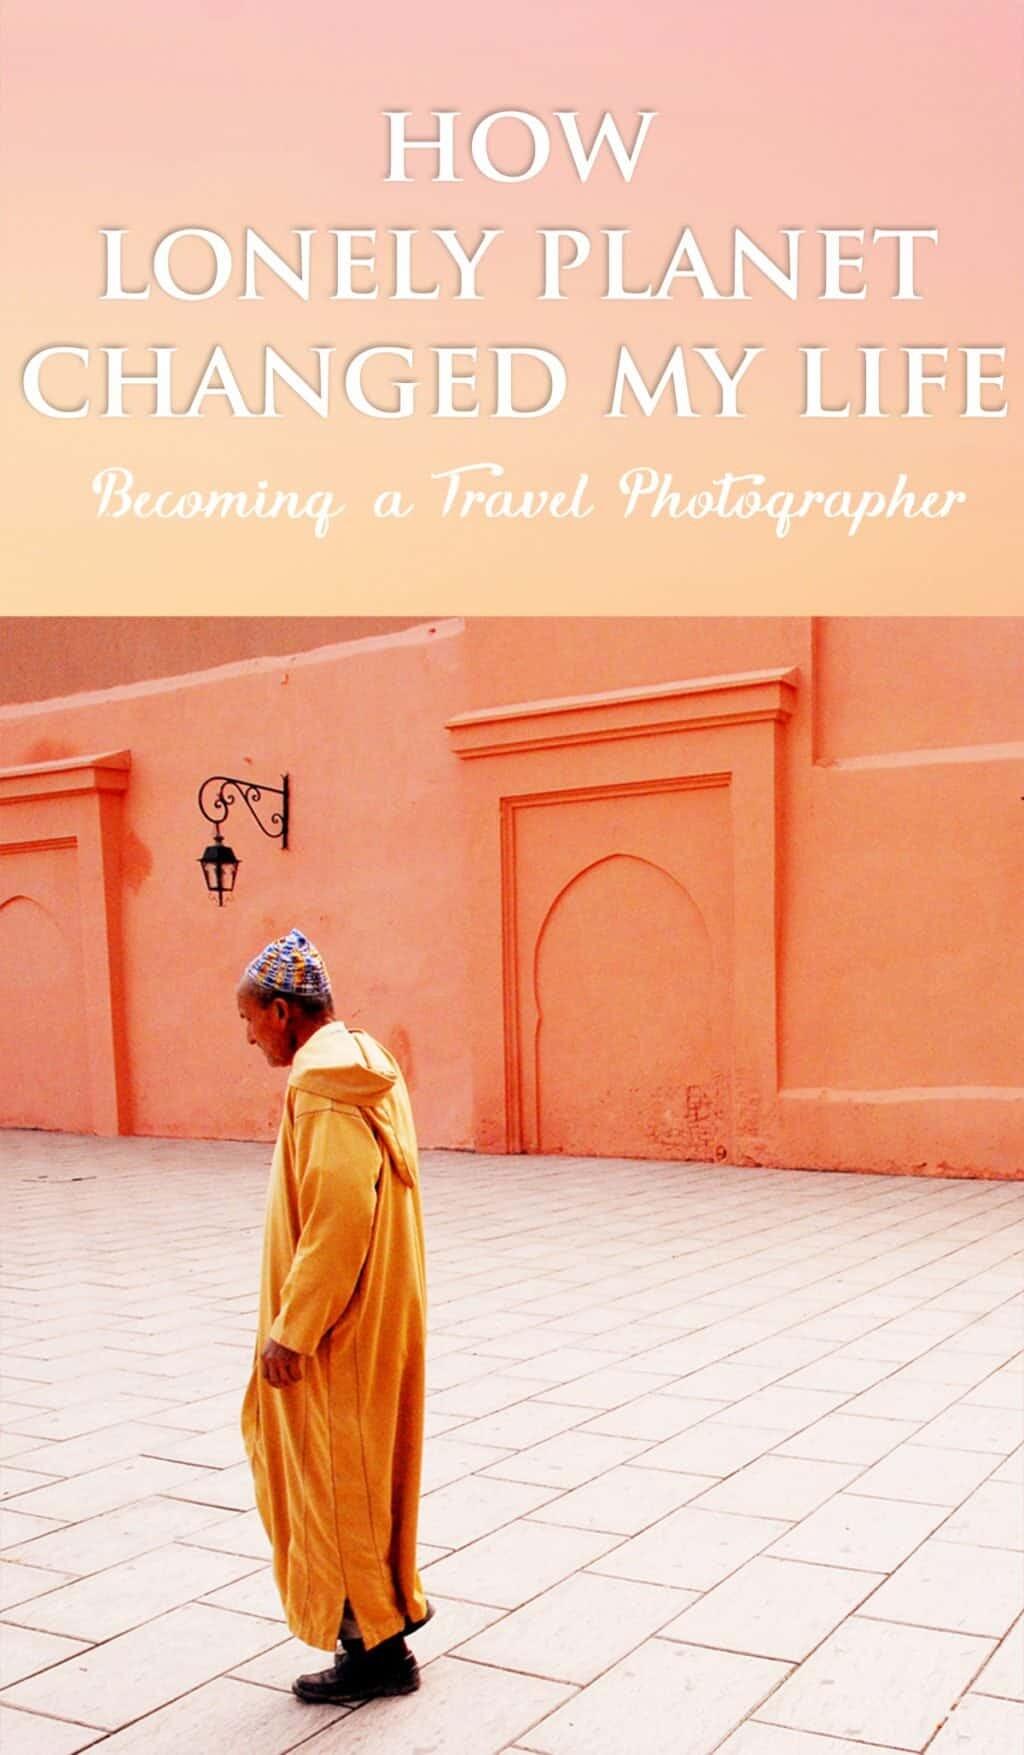 How I Became a Travel Photographer